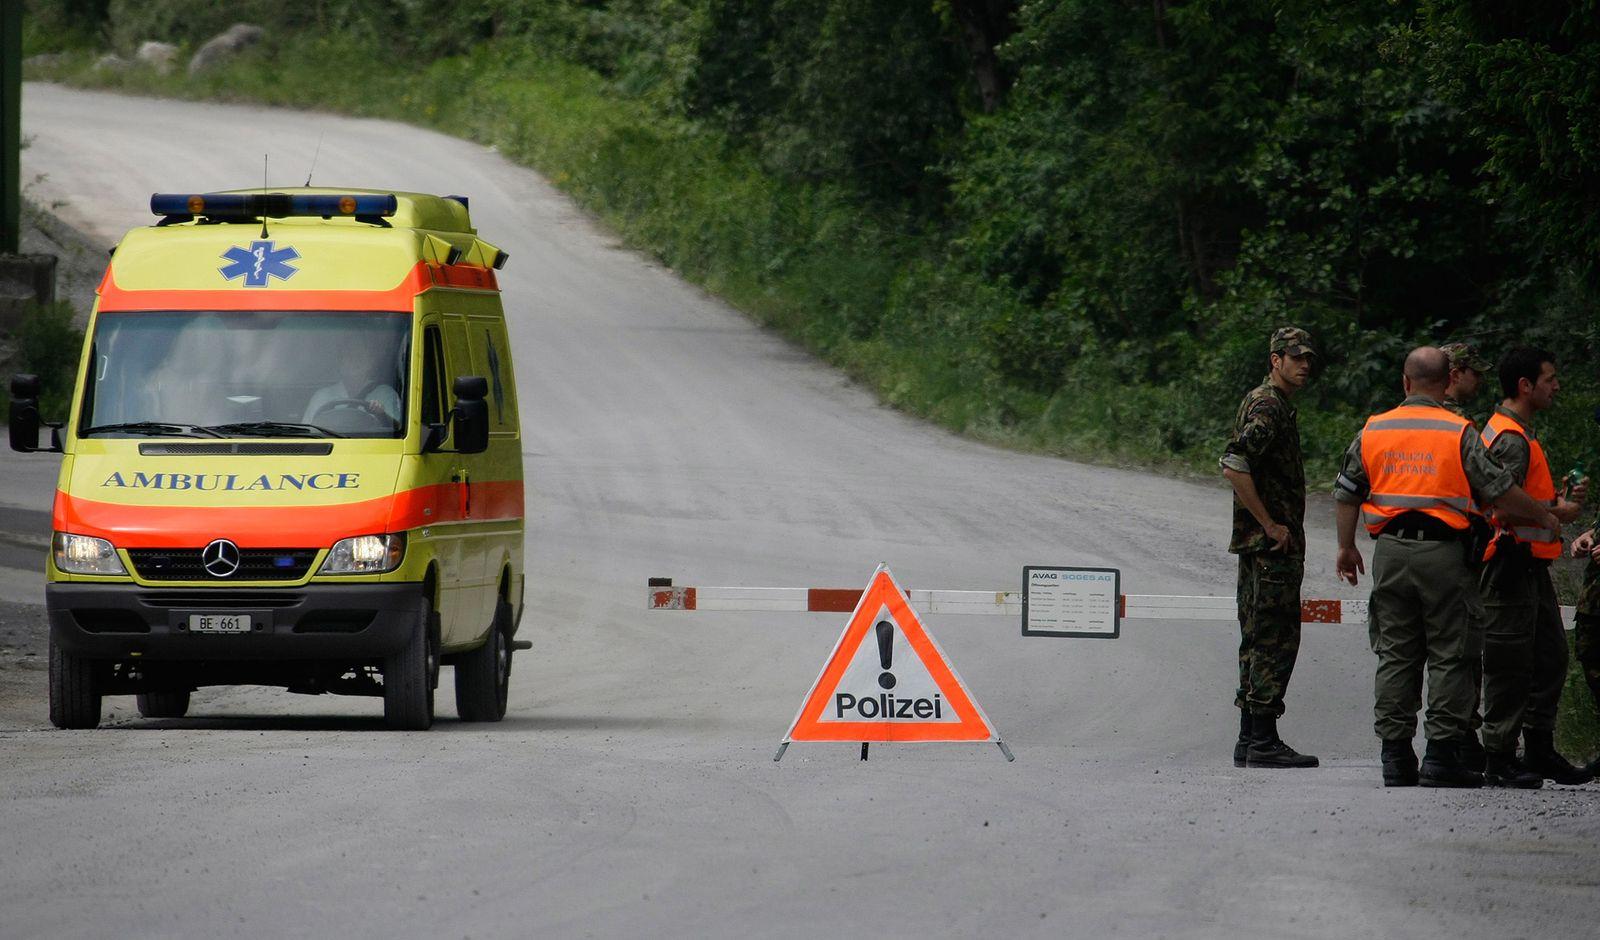 Schweiz / Rettungswagen